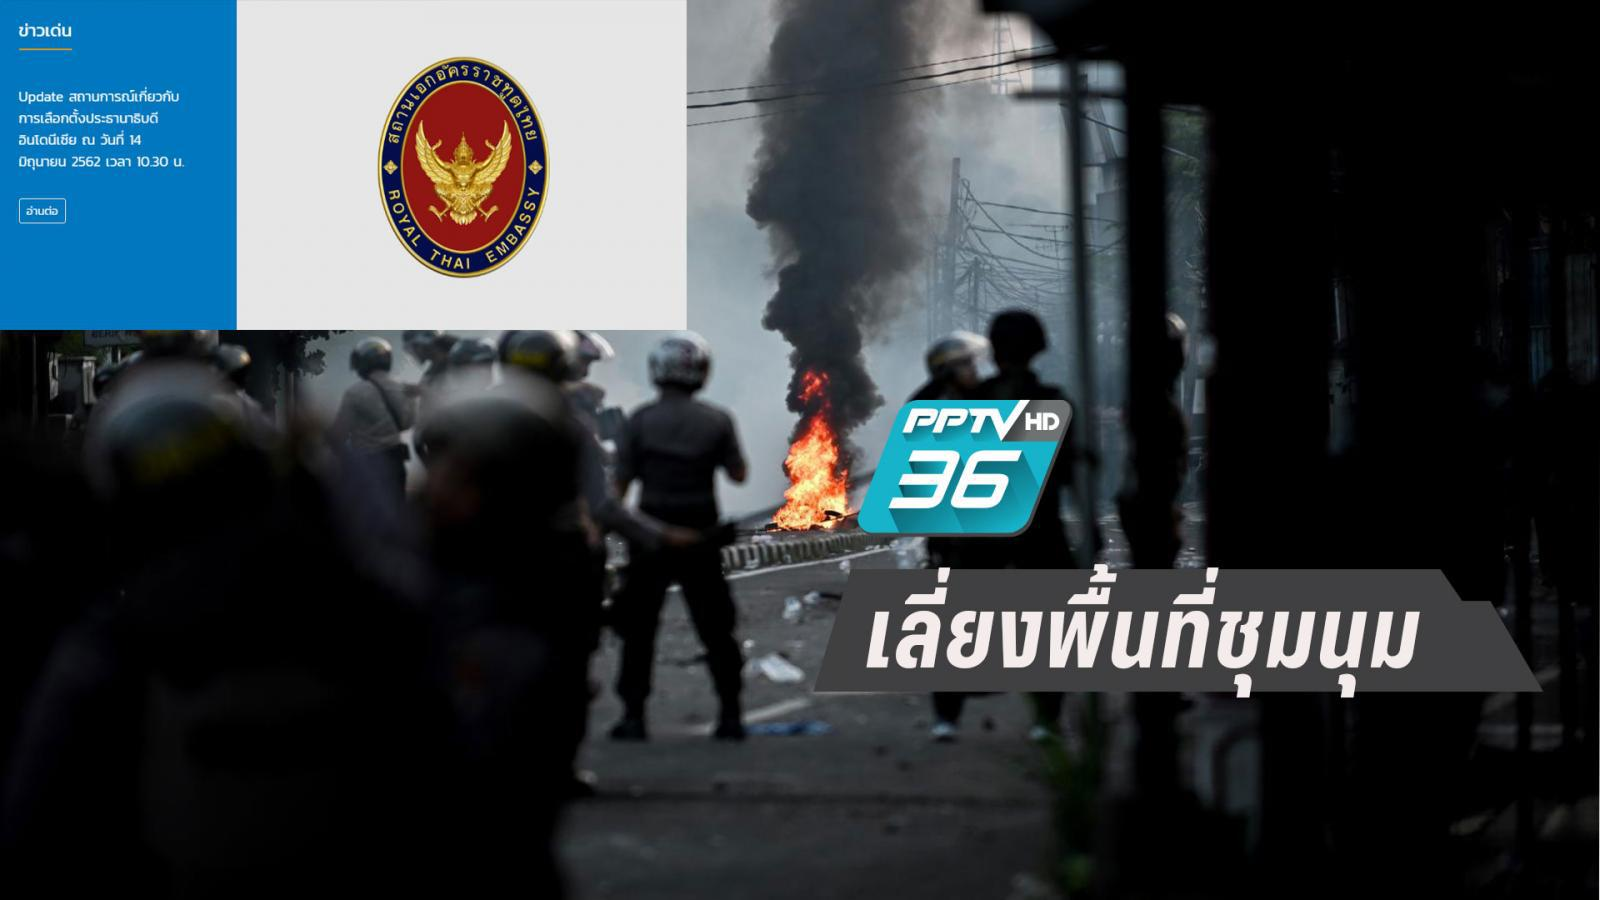 """เตือน! คนไทยไป """"อินโดนีเซีย"""" เลี่ยงพื้นที่ชุมนุมใกล้ศาลรัฐธรรมนูญ"""